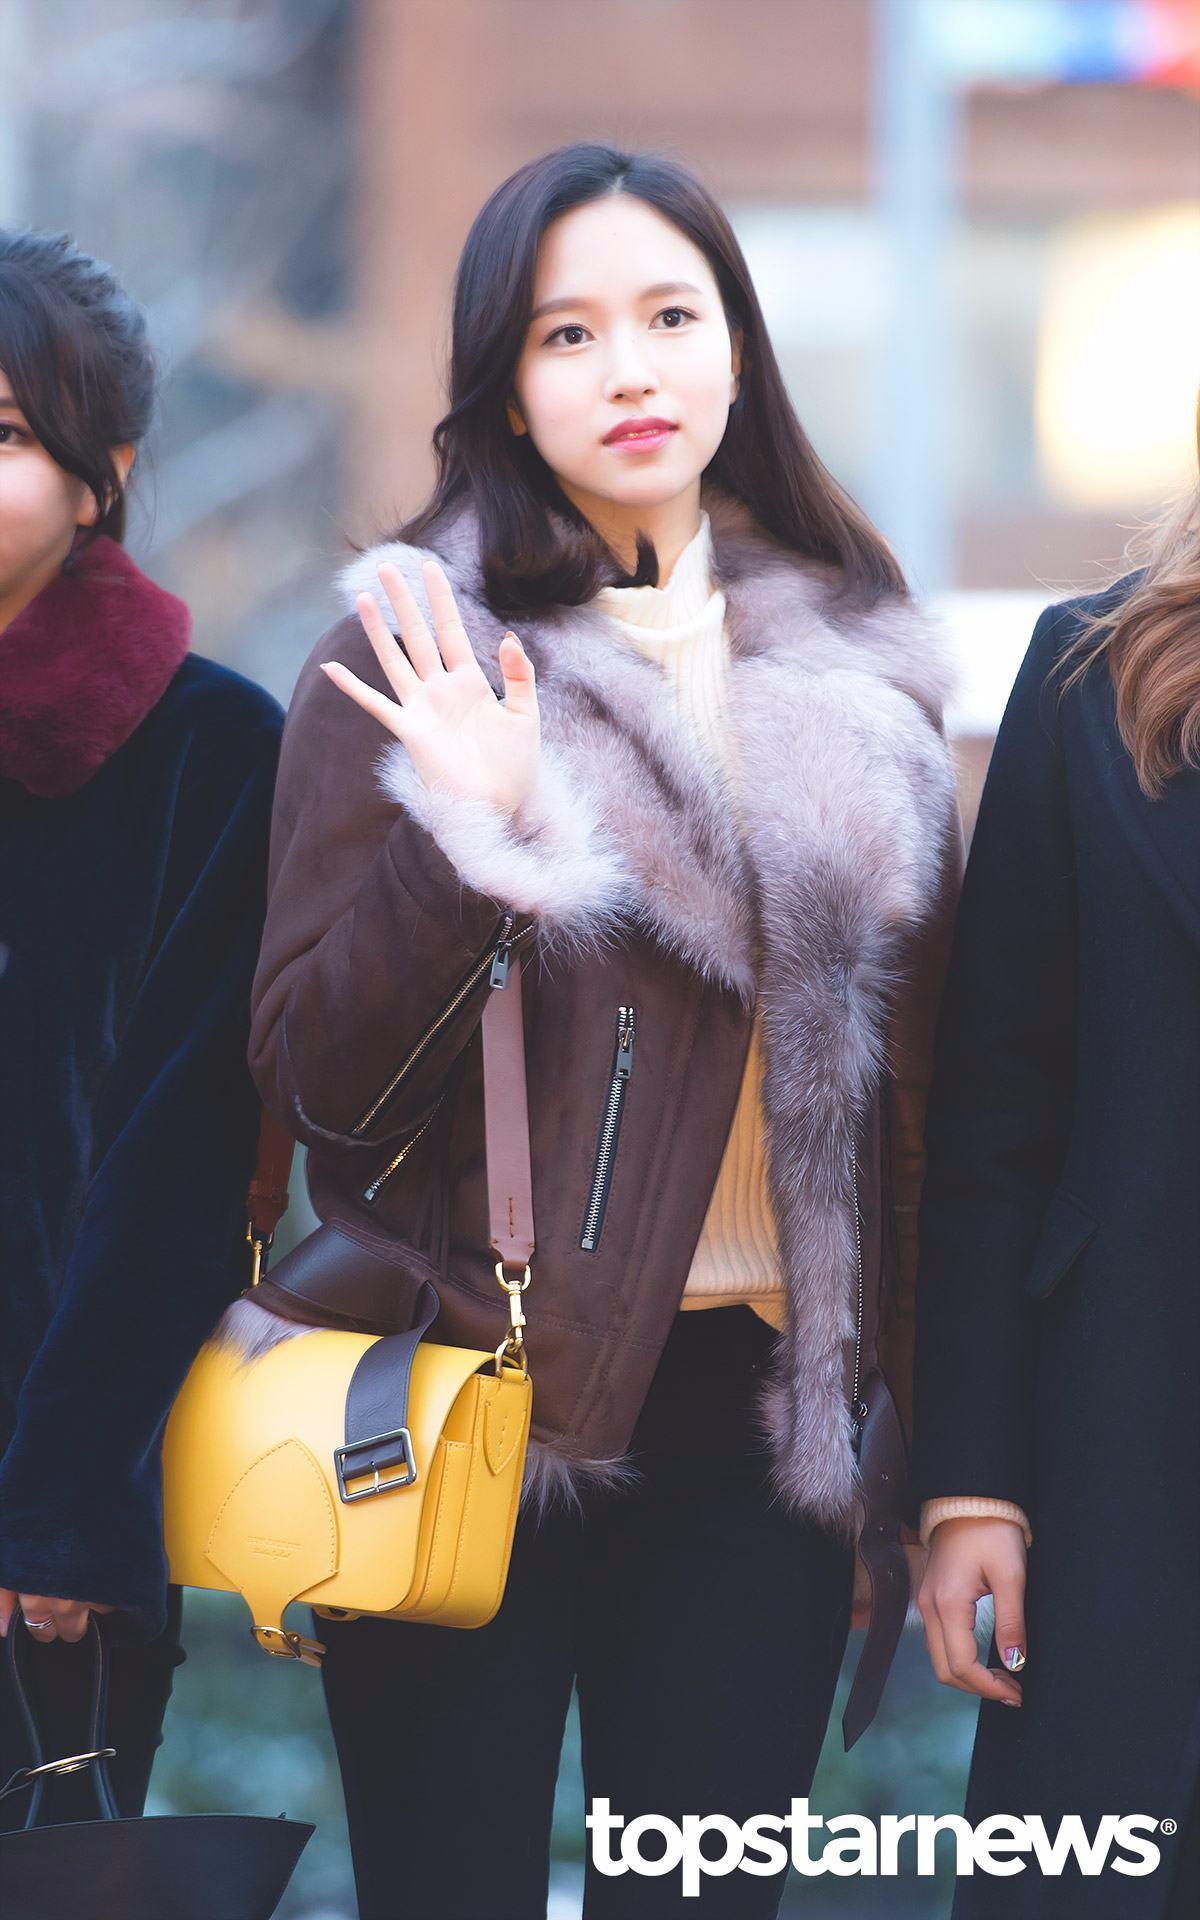 雖然定延看Mina好像受到很大的打擊,趕緊站起來開玩笑說「你們真的很壞欸」,但一旁的Mina卻很猶豫的說了「真的嗎?還是剪掉比較好?」